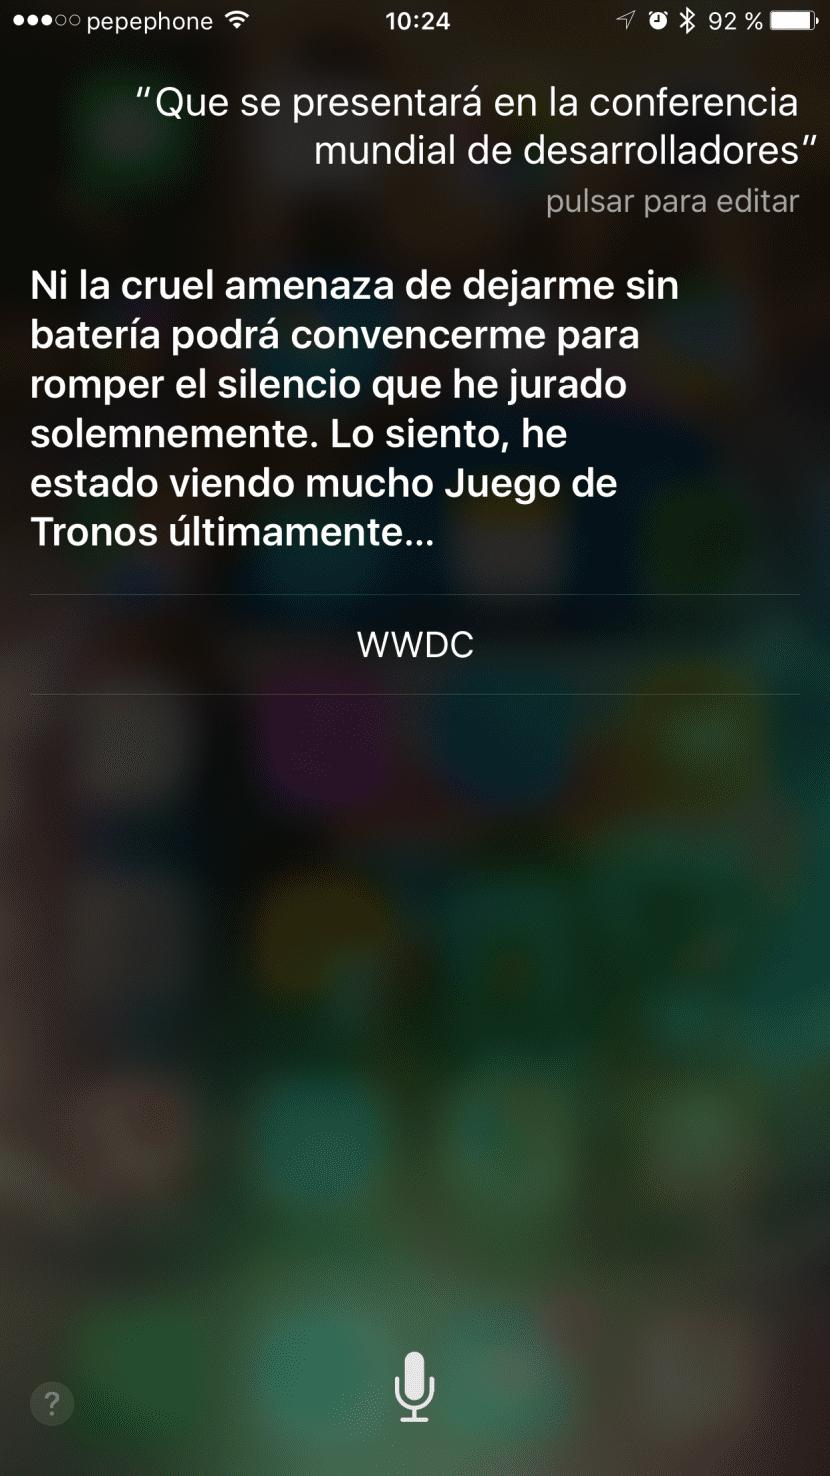 siri-wwdc-1